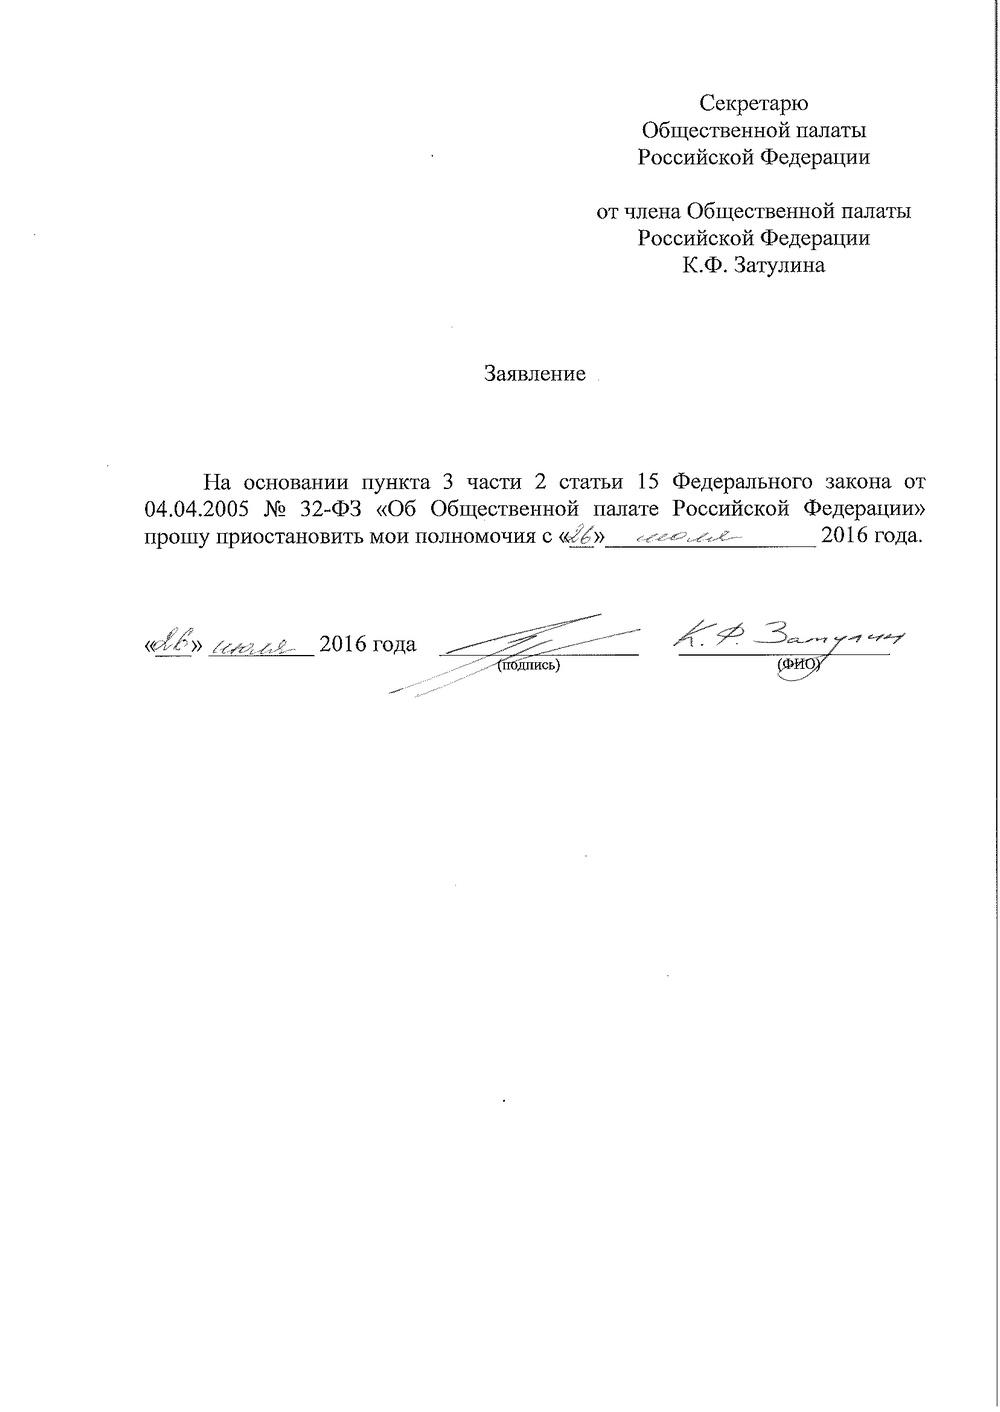 Константин Затулин направил в Обещственную палату РФ заявление о приостановлении членства